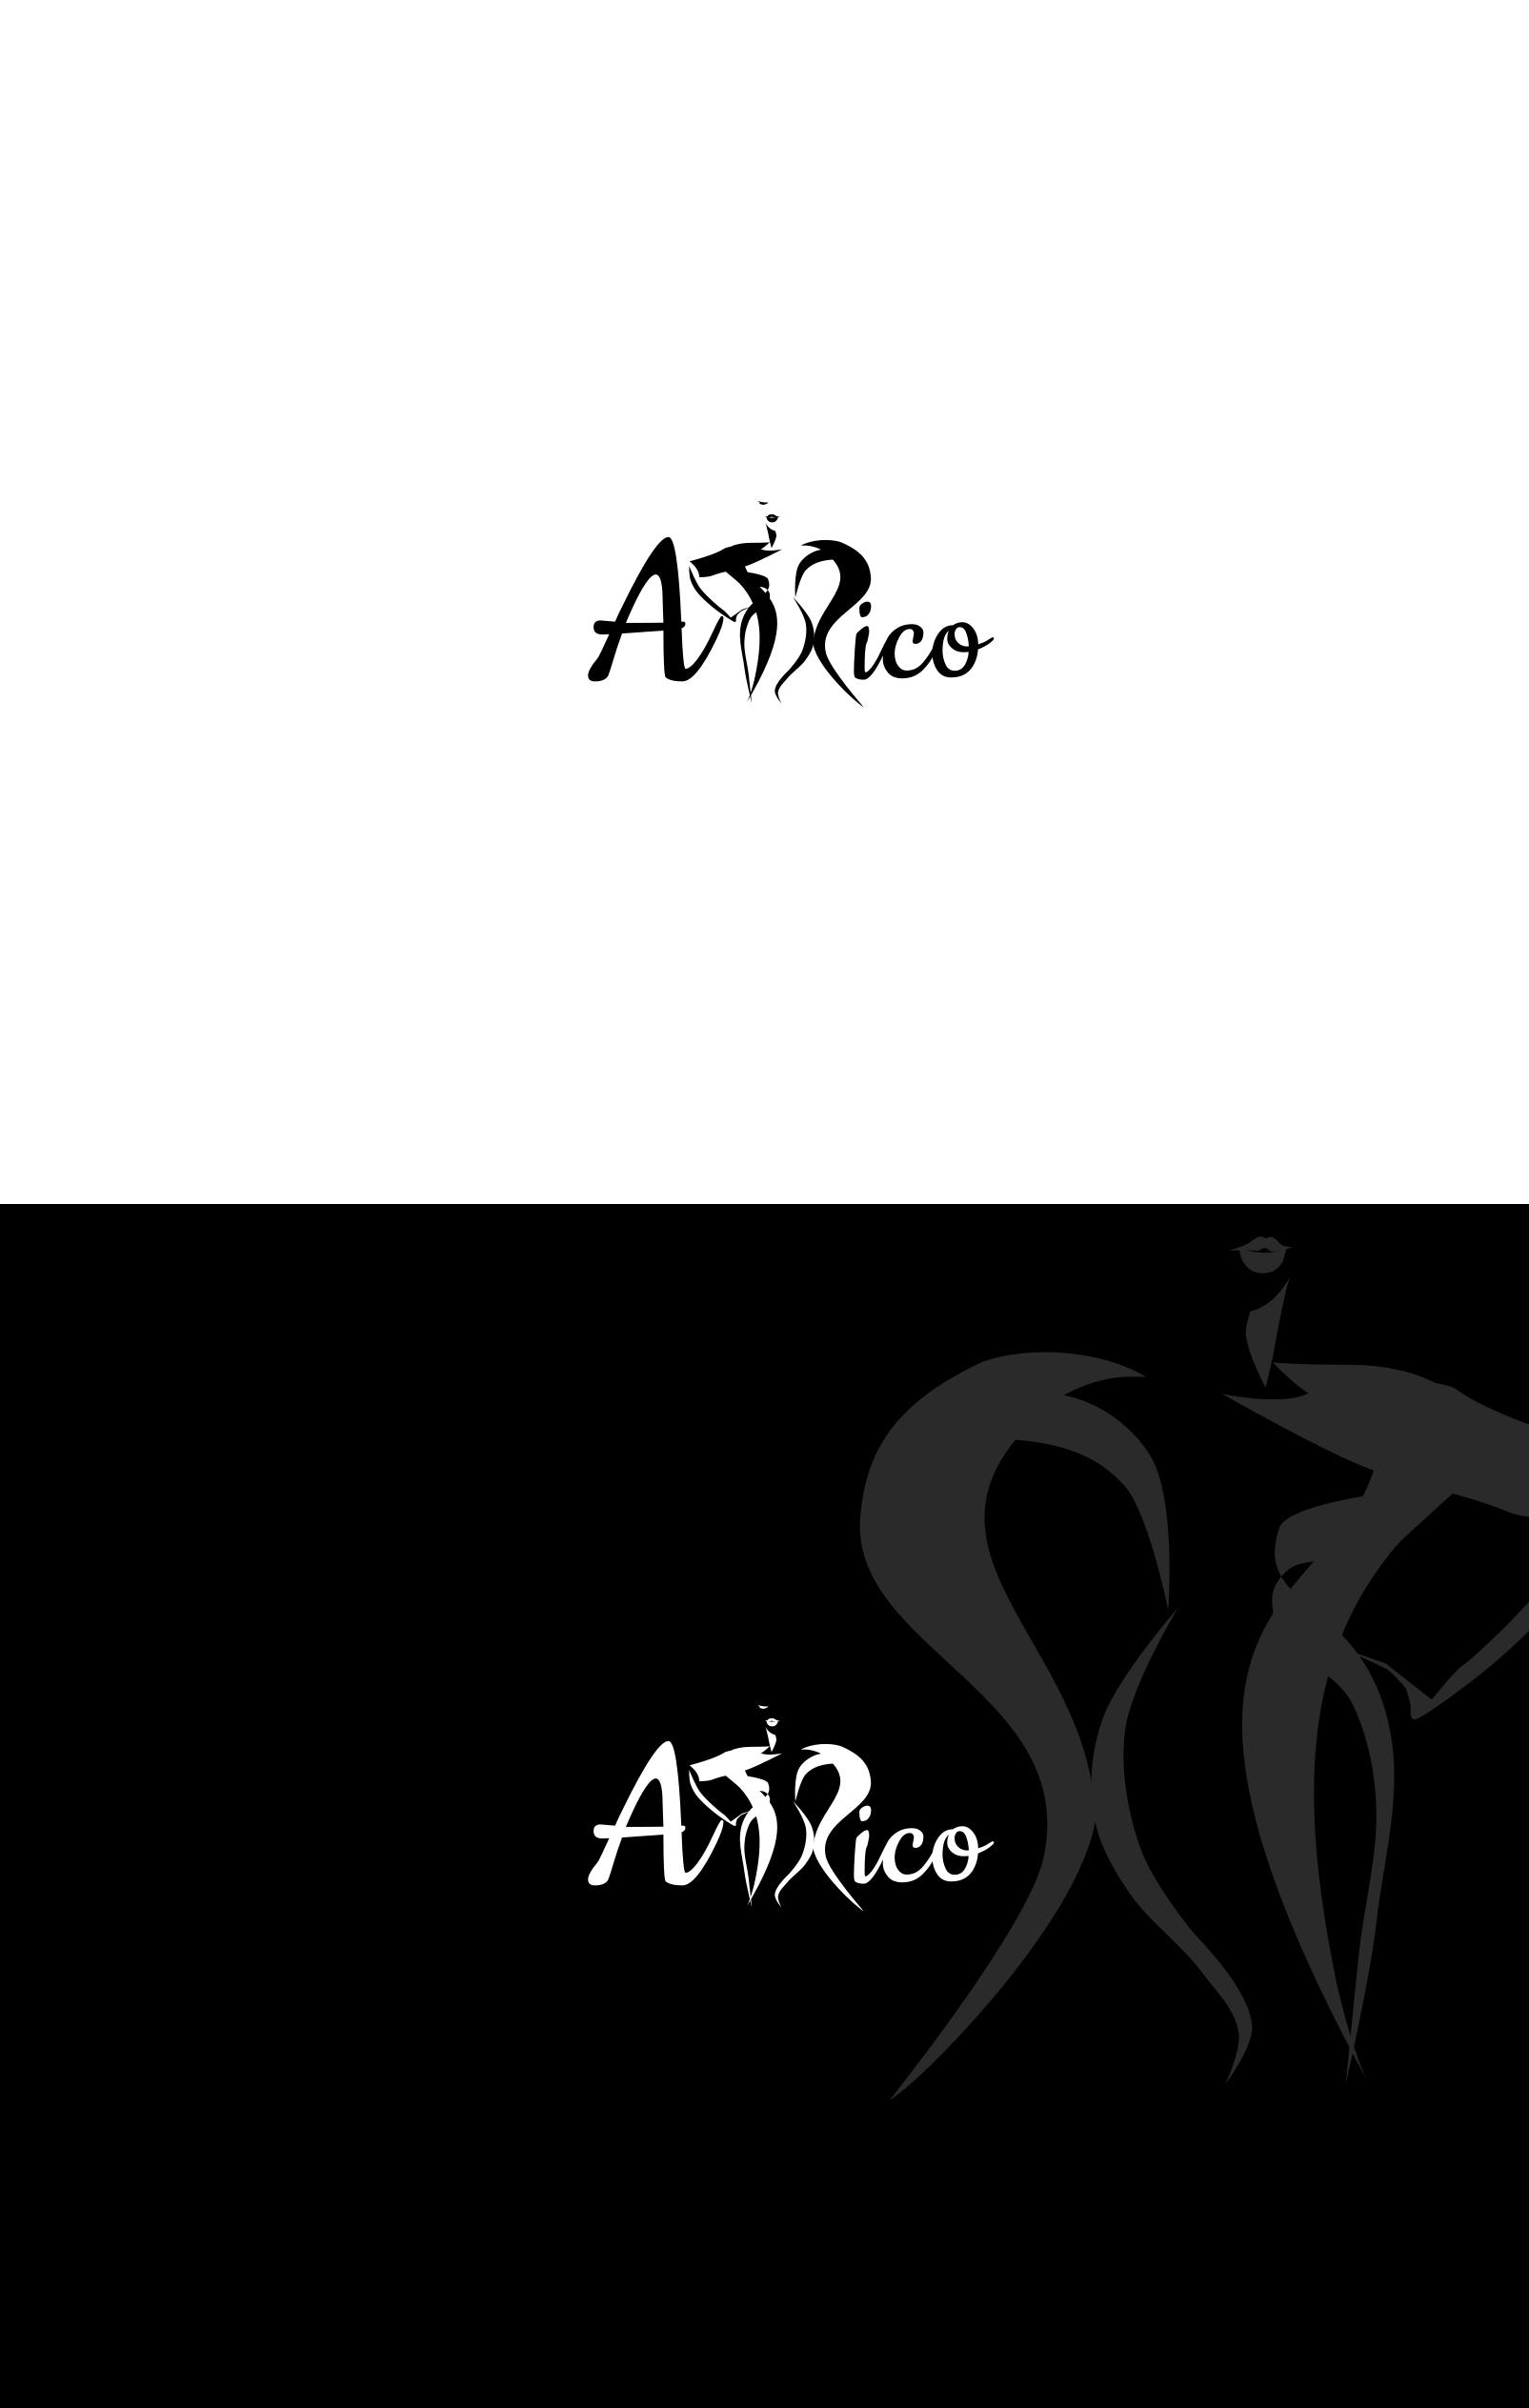 Логотип для брендовой пряжи и трикотажной одежды фото f_19360028fffe7e6d.jpg